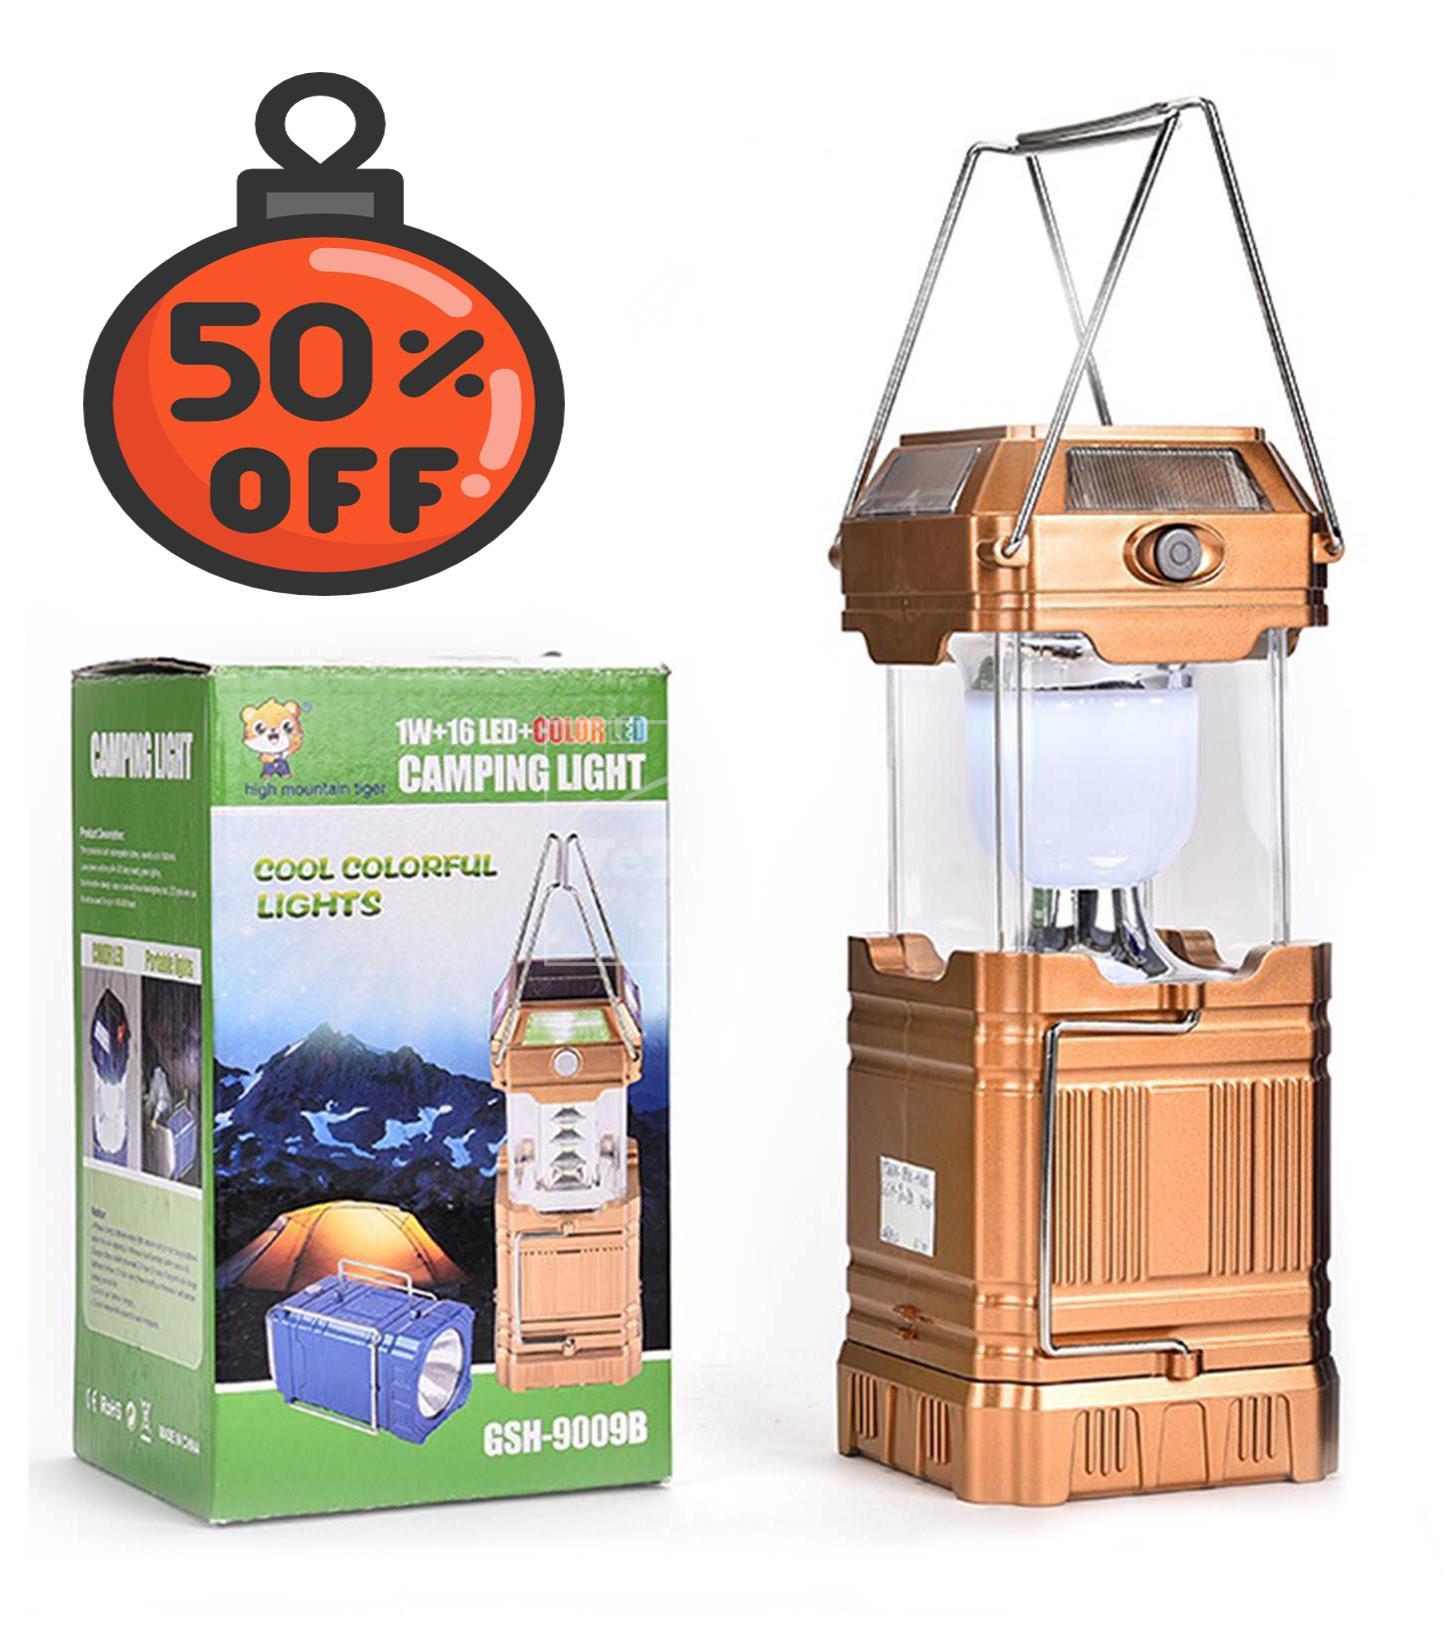 Hình ảnh Đèn sạc điện loại nào tốt, Đèn Bão Vuông Loại Lớn GSH-9009A - Camping Light GSH-9009A, Tiện lợi, Dễ dàng sử dụng, Bao den - BẢO HÀNH 1 ĐỔI 1